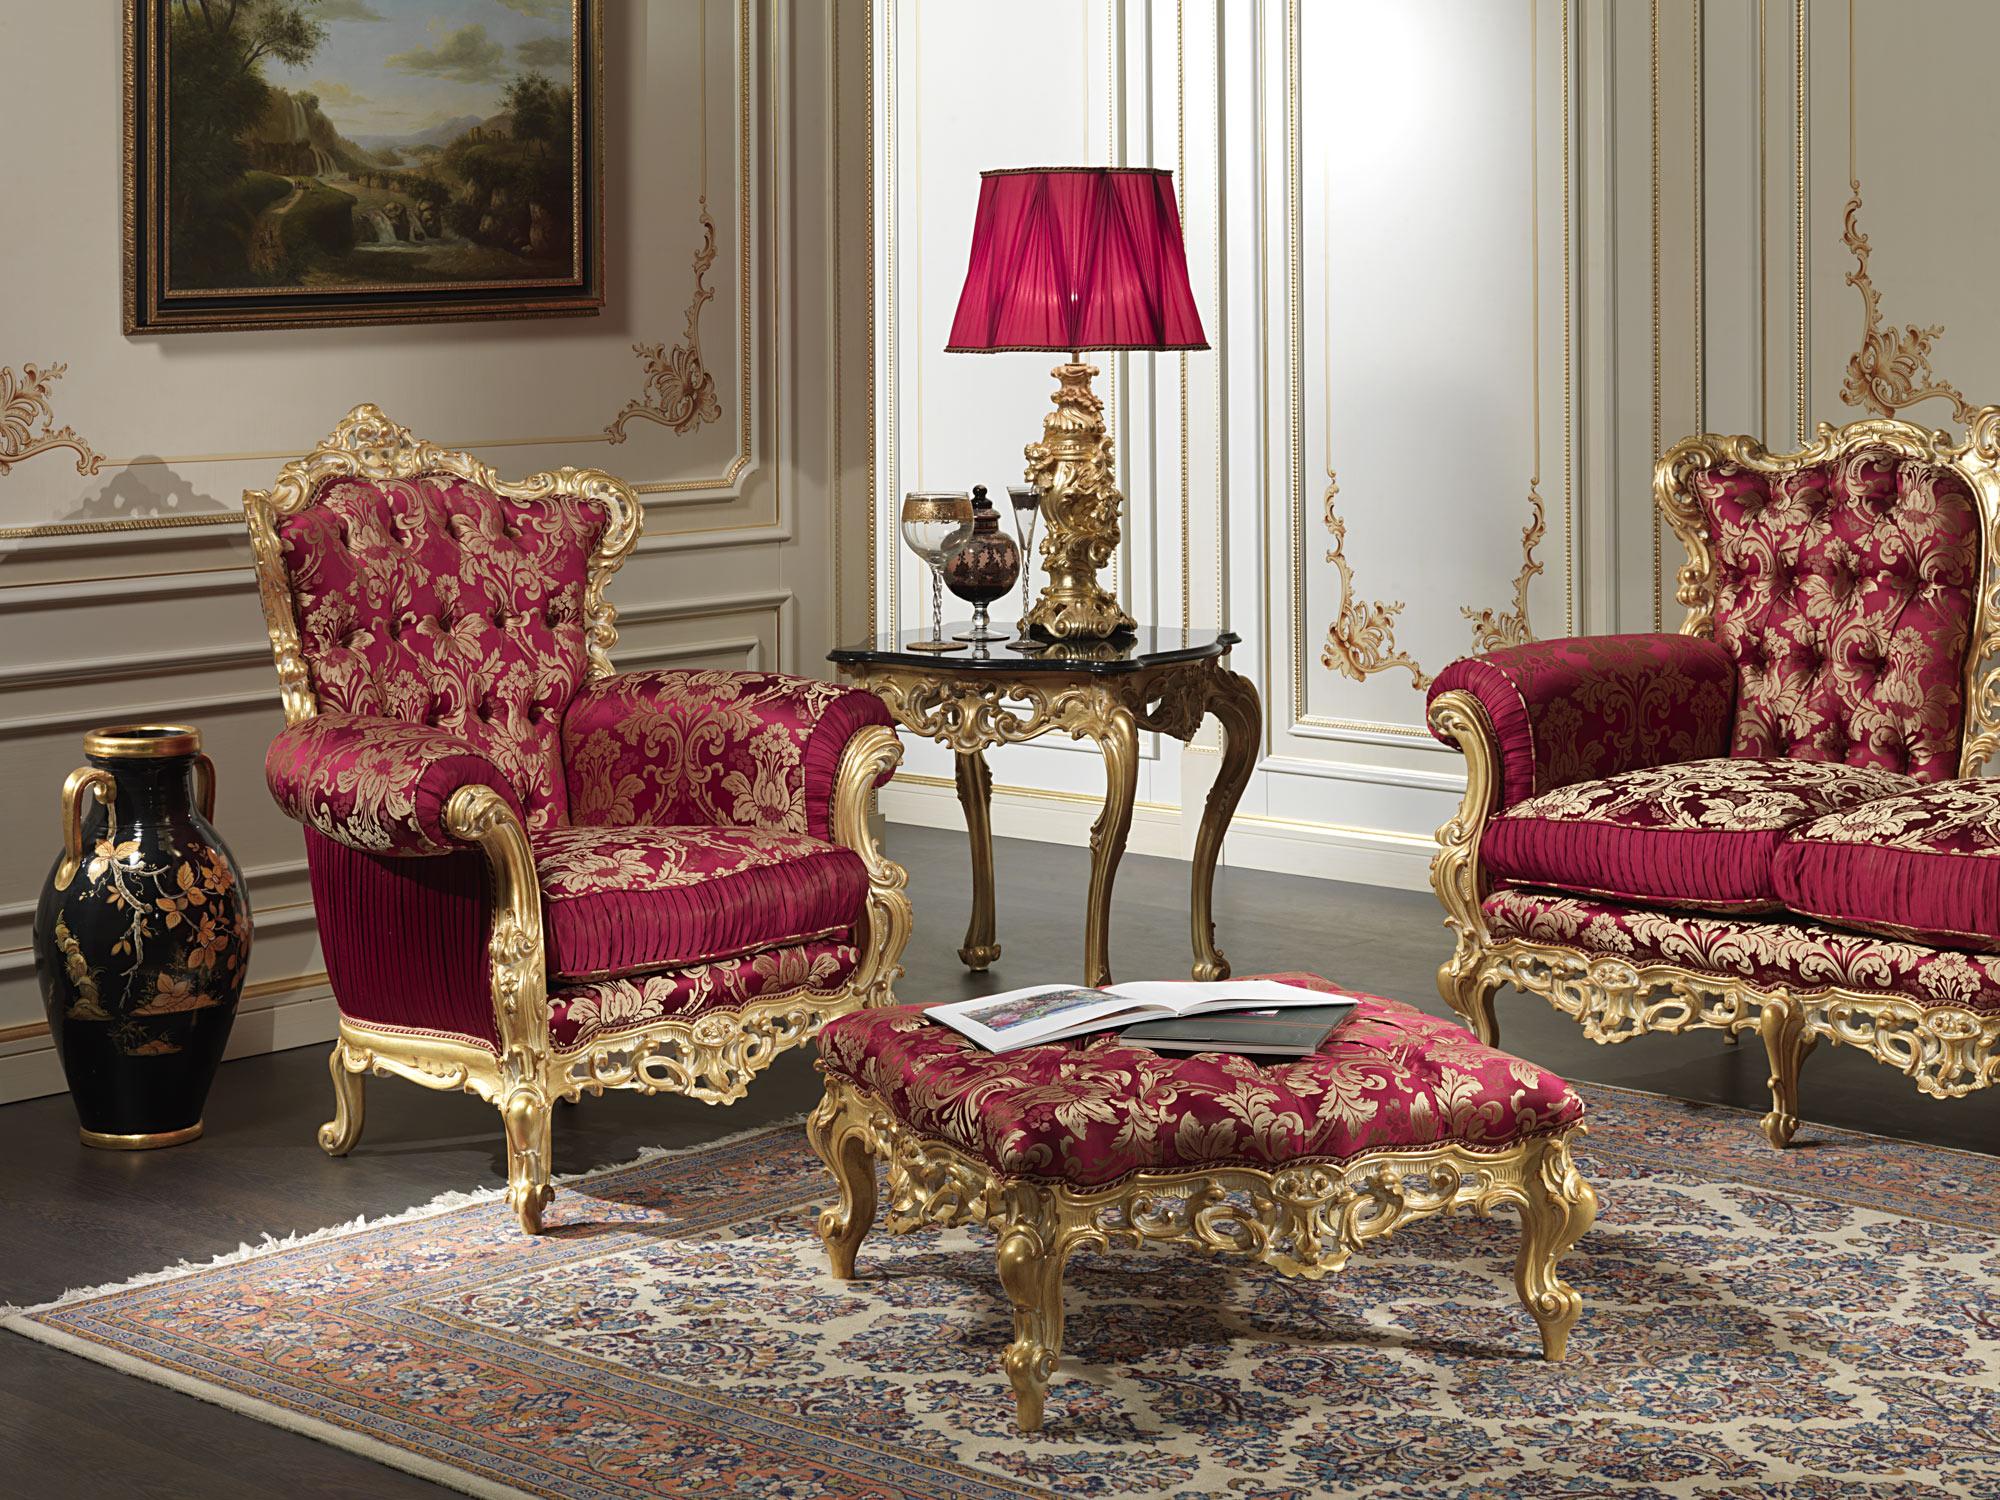 Poltrona Barocca Della Collezione Salotto Barocco Vimercati Meda #A82347 2000 1500 Sala Da Pranzo Stile Barocco Moderno